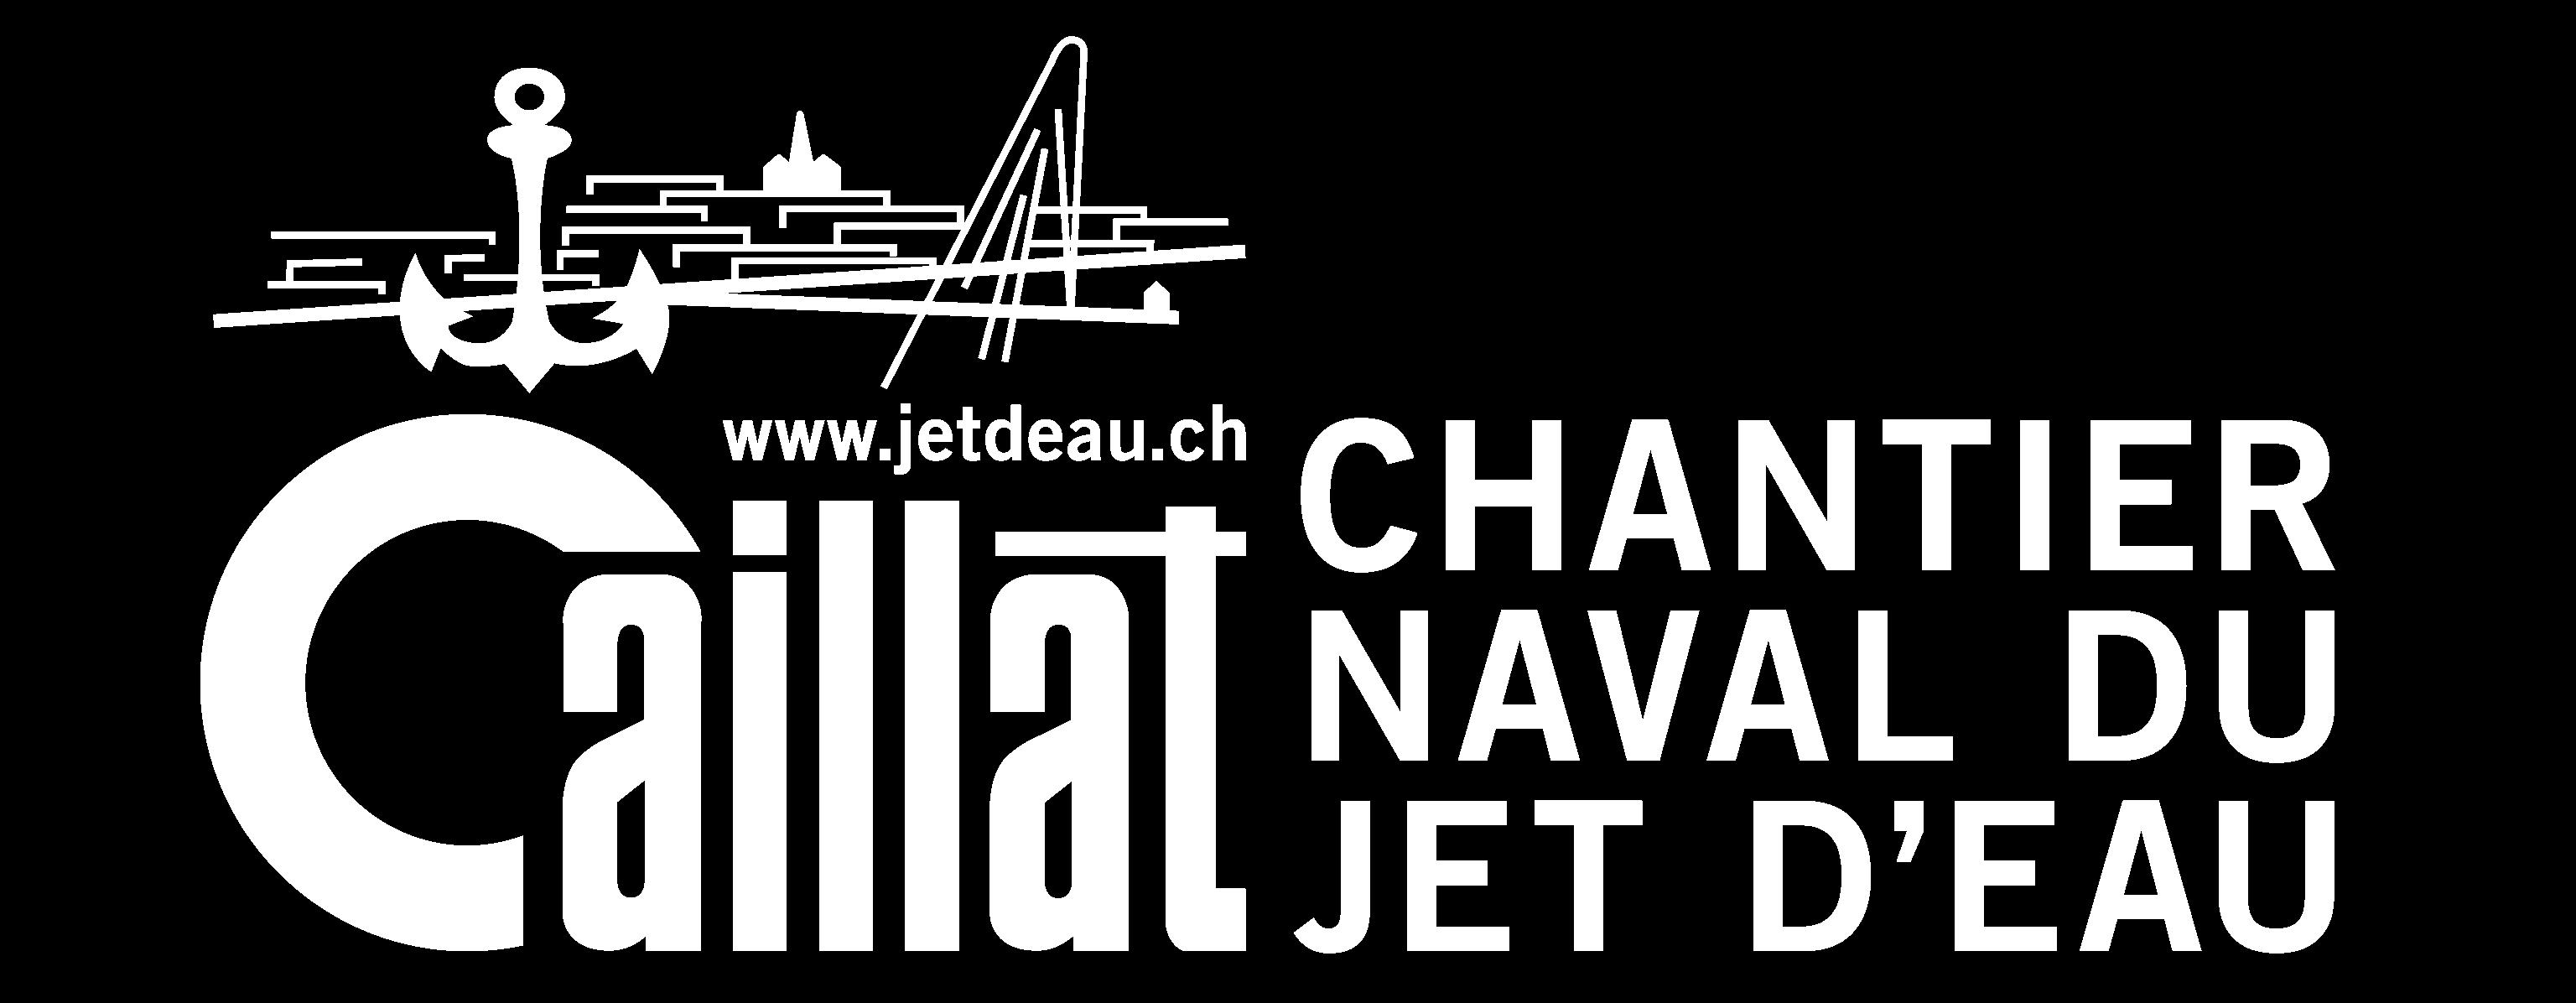 Caillat - Chantier Naval du Jet d'Eau